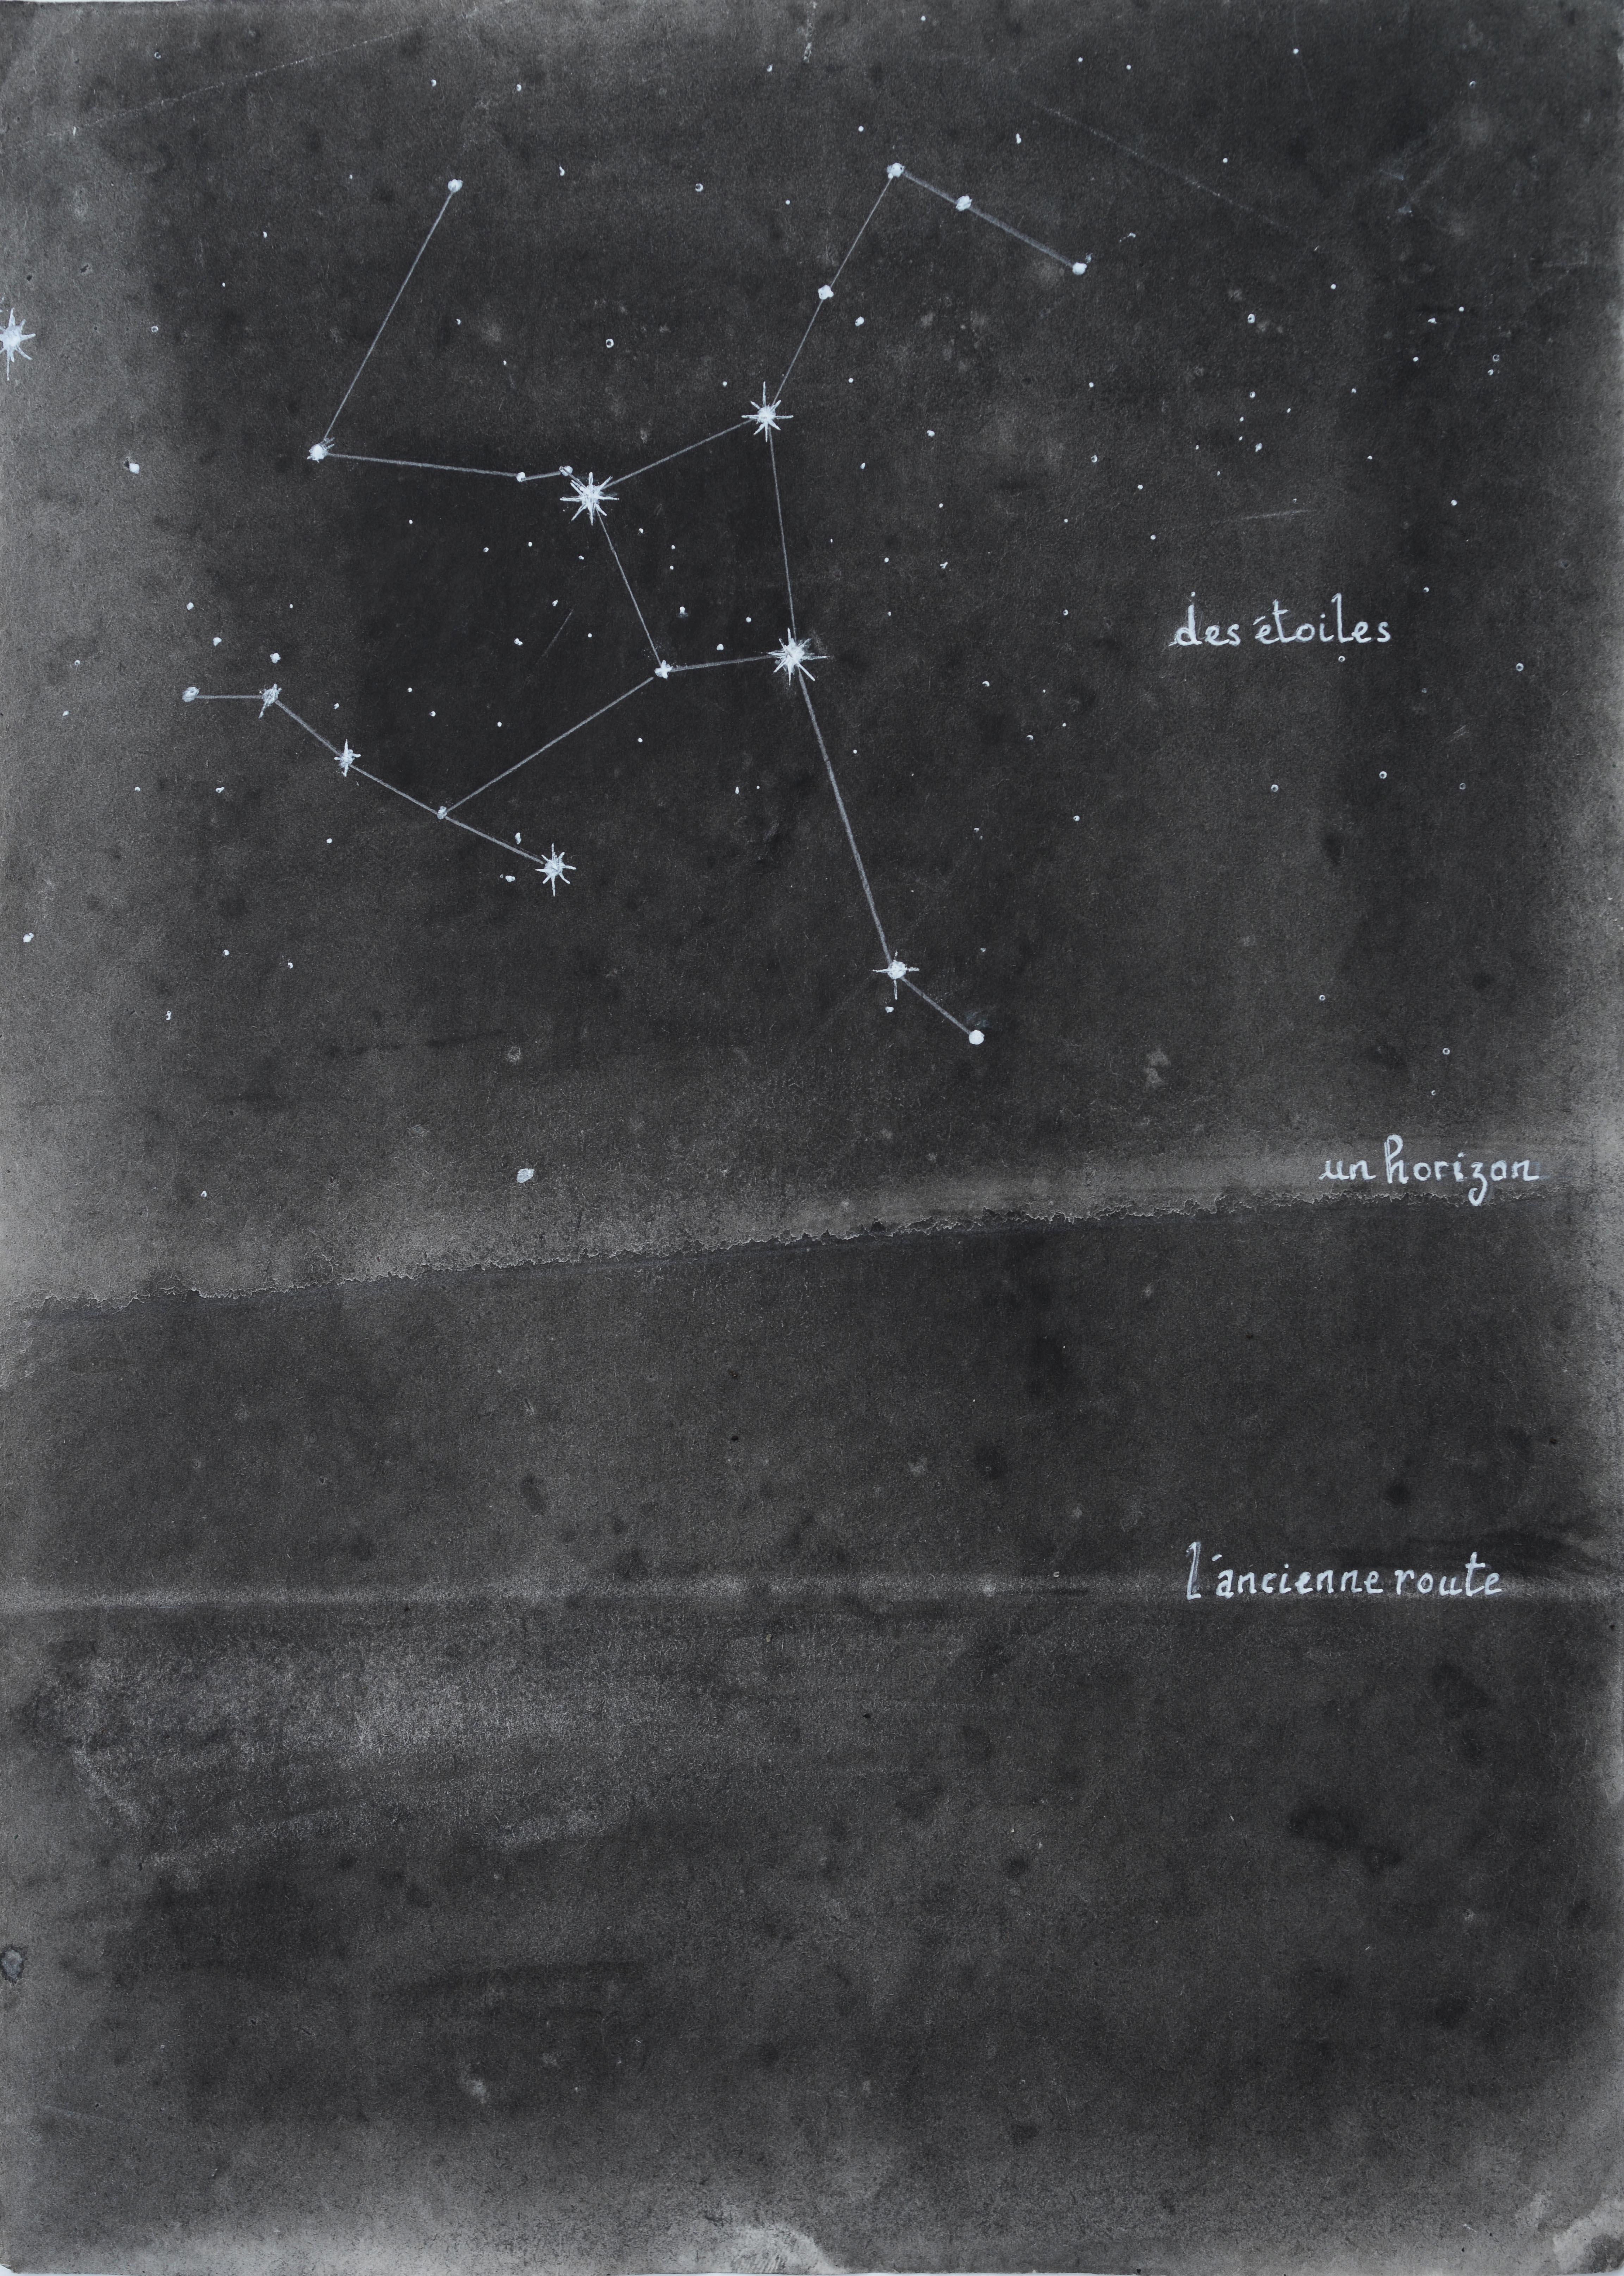 Des étoile, l'horizon, l'ancienne route